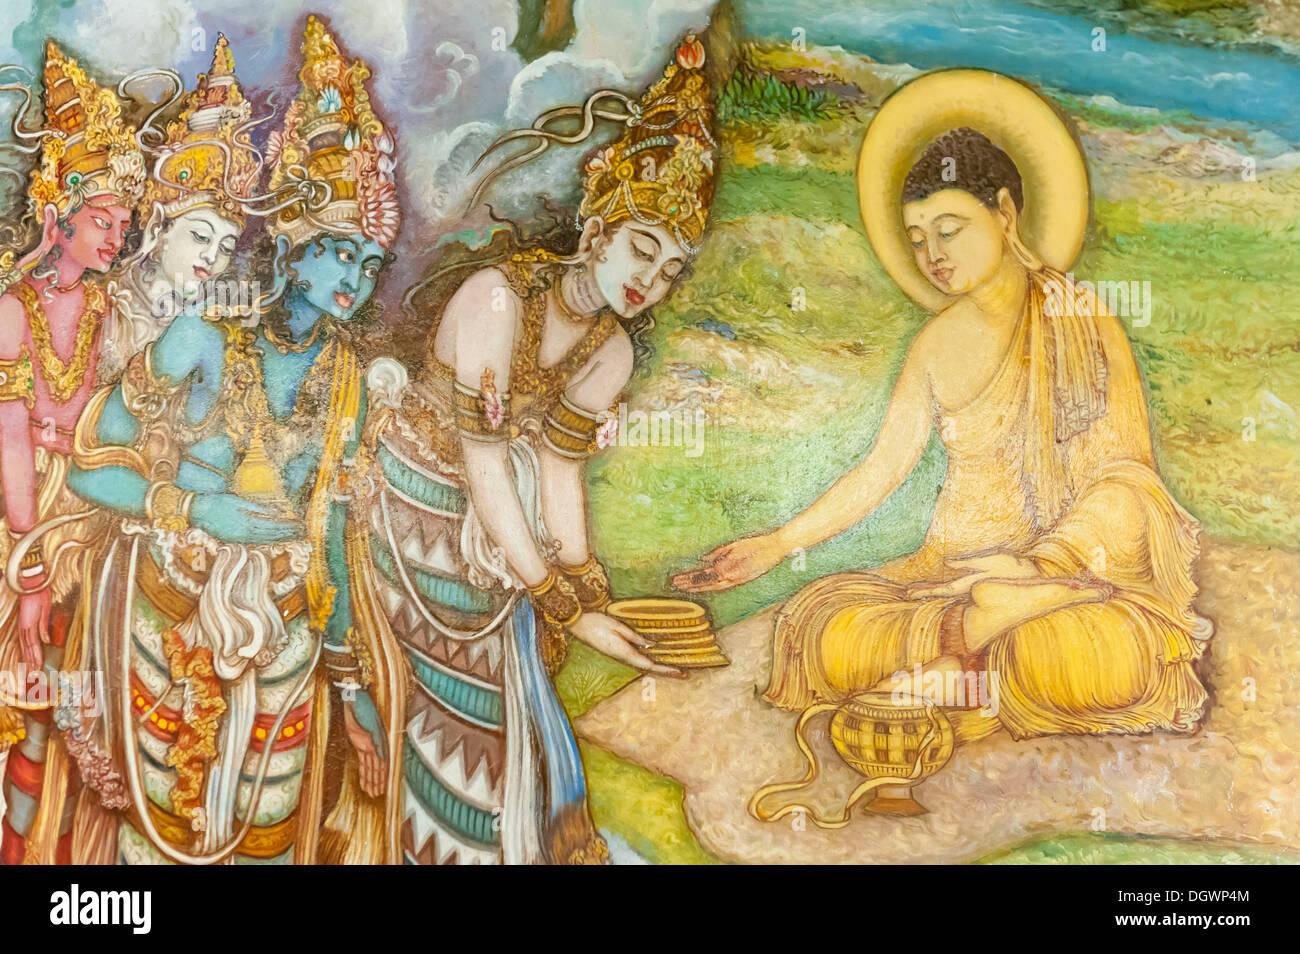 Wandmalerei, Darstellung von Buddha und Anbeter, Mahiyangana Buddhistentempel, Mahiyangana, Sri Lanka Stockbild